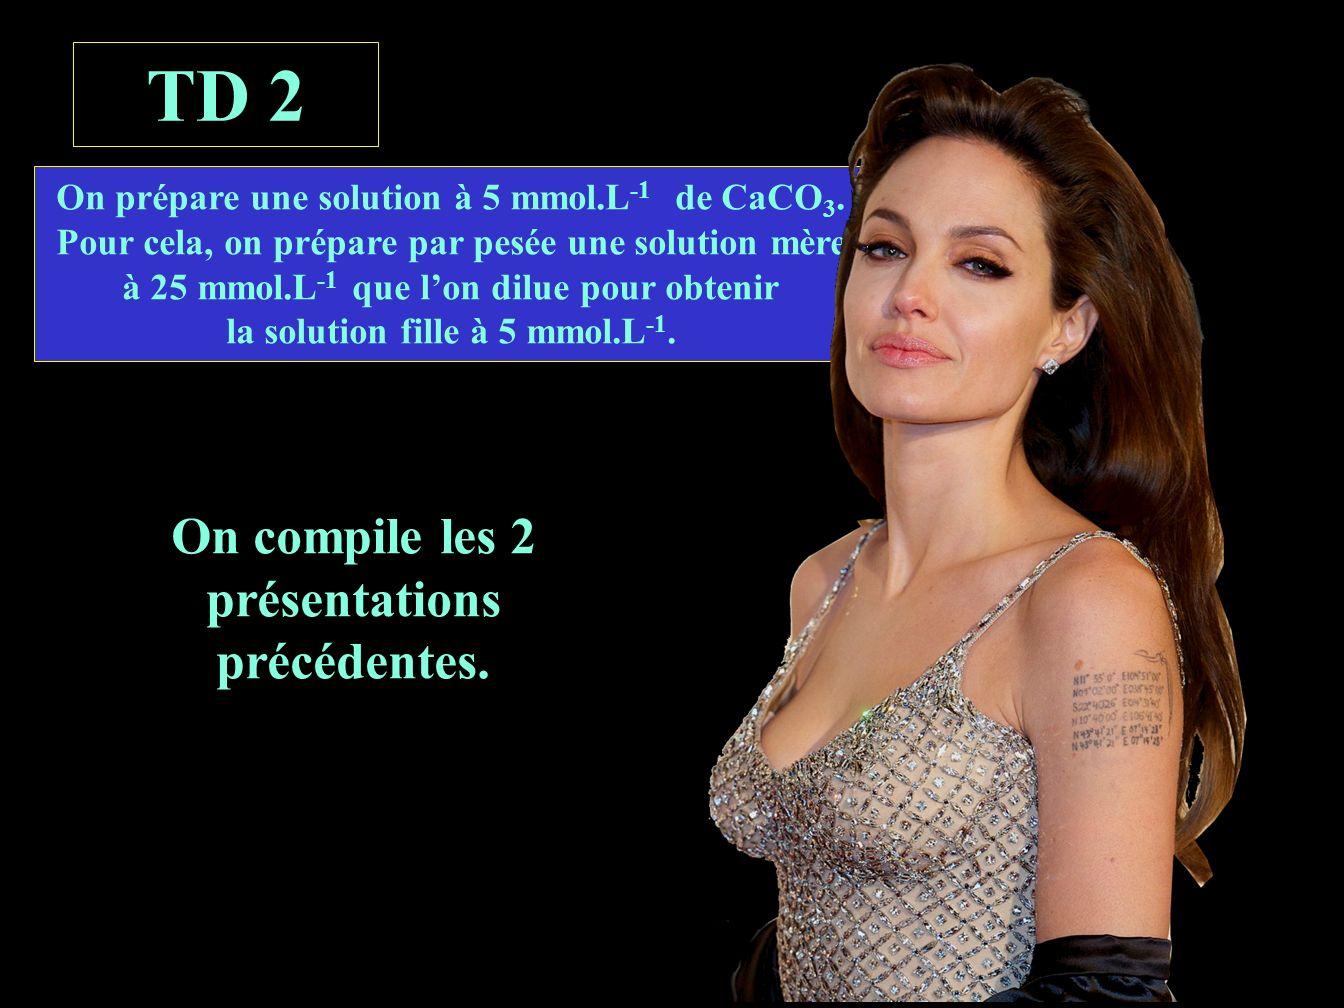 énoncé TD 2 On compile les 2 présentations précédentes.